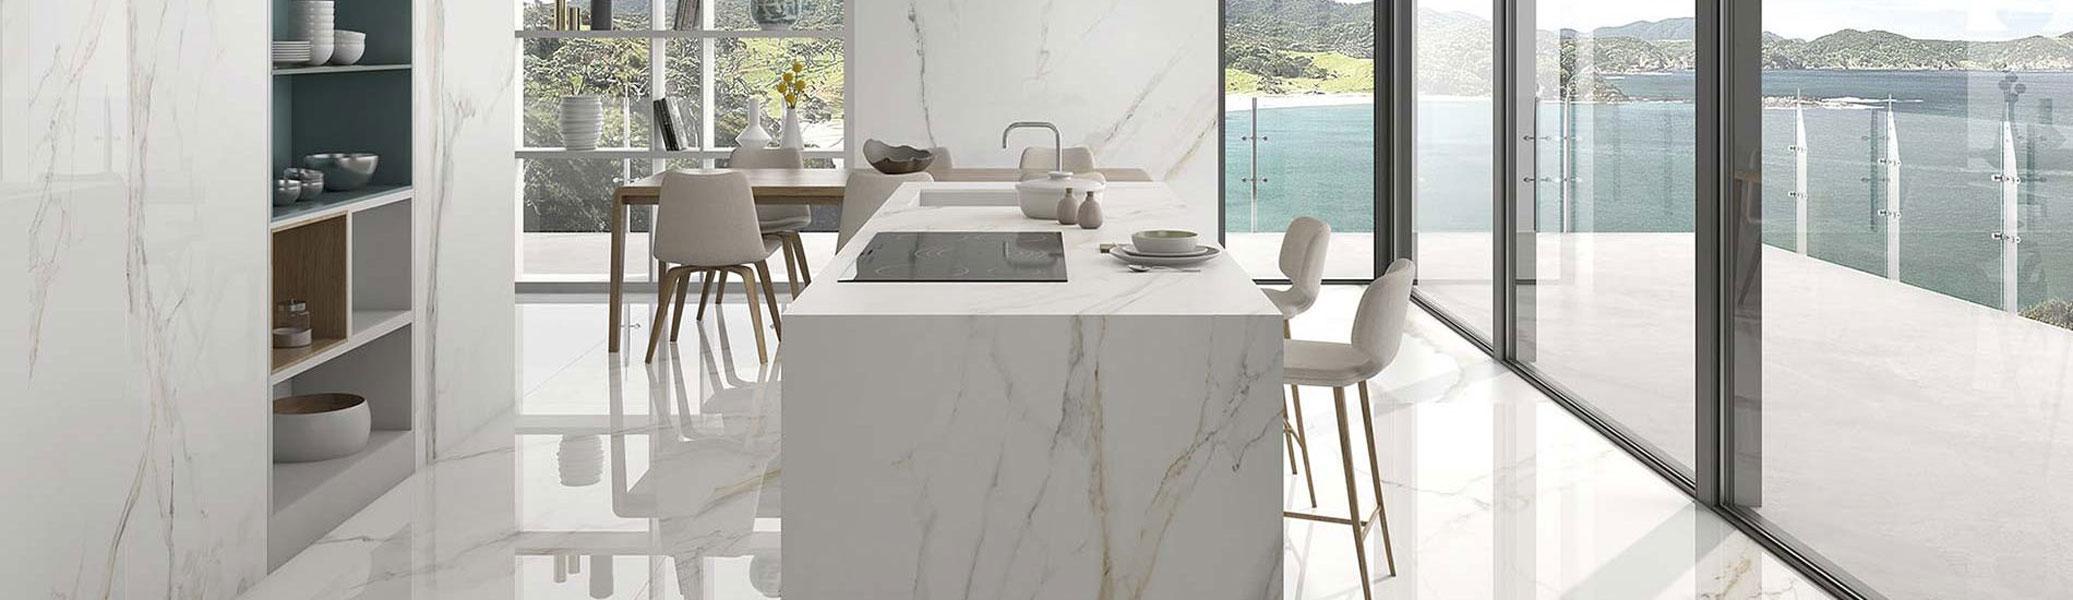 banner-Arklam-slabs-12mm-itt-ceramic-spanish-floor-wall-tile-1900x550